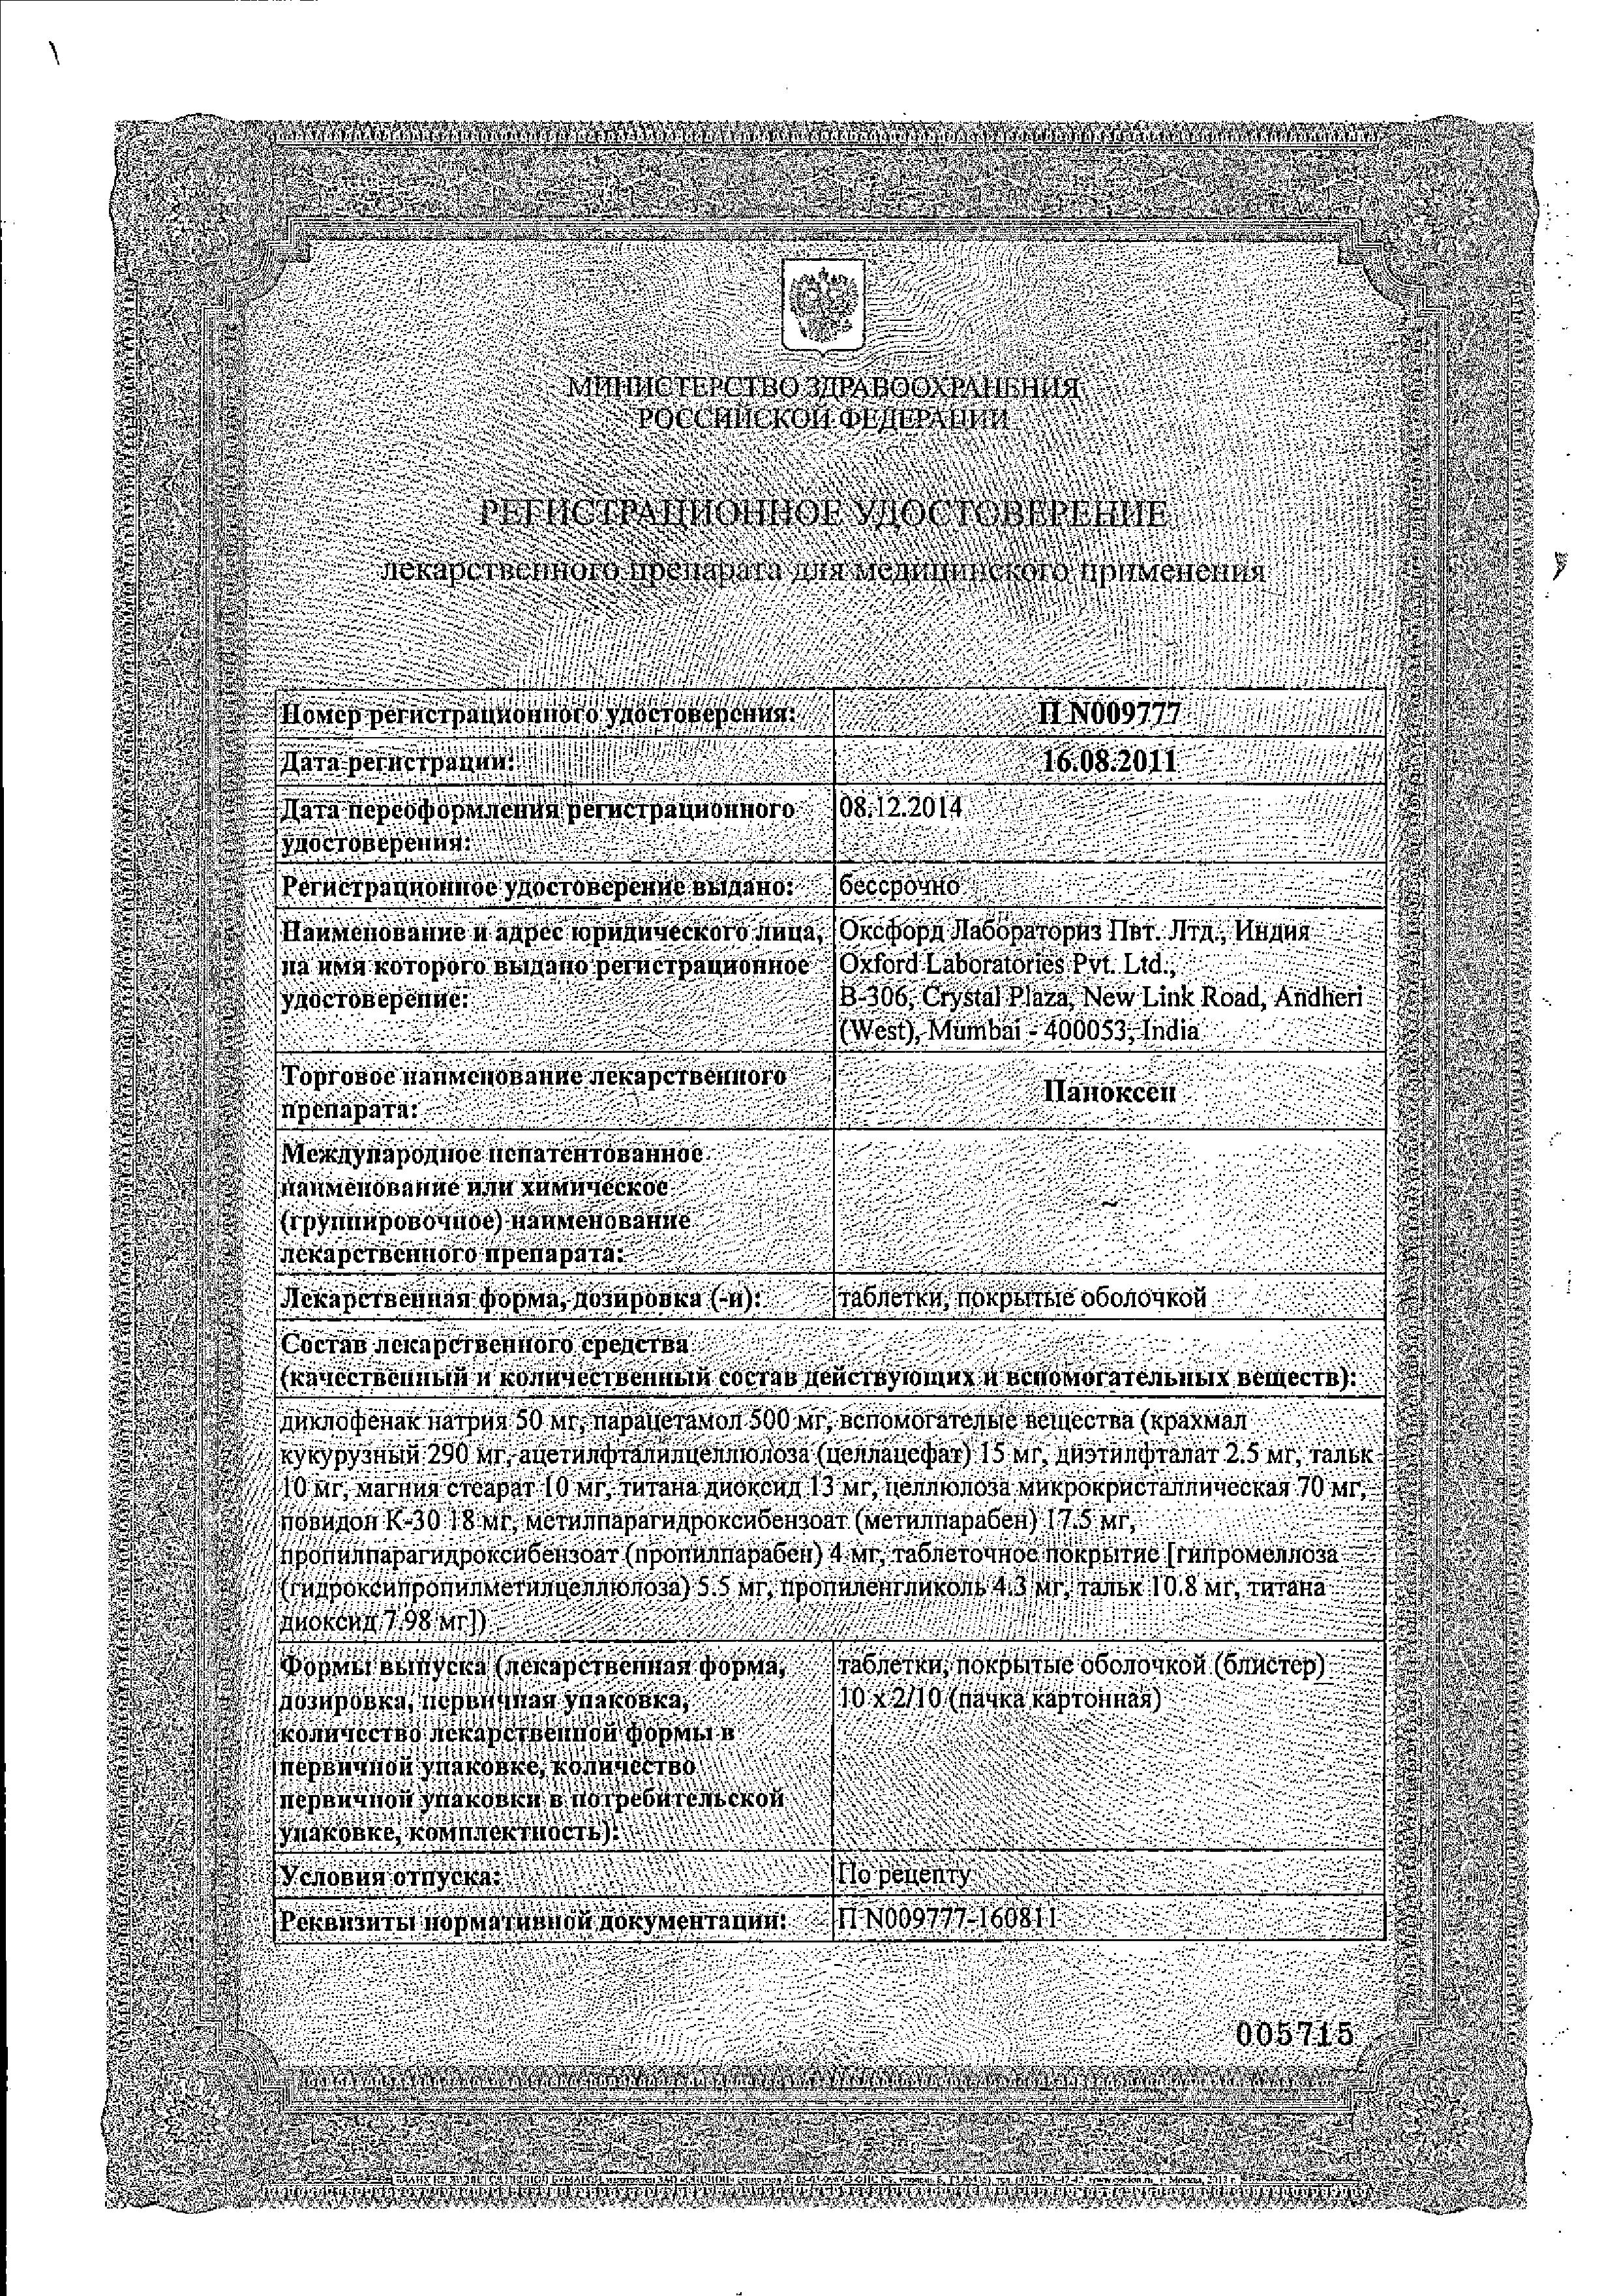 Паноксен сертификат